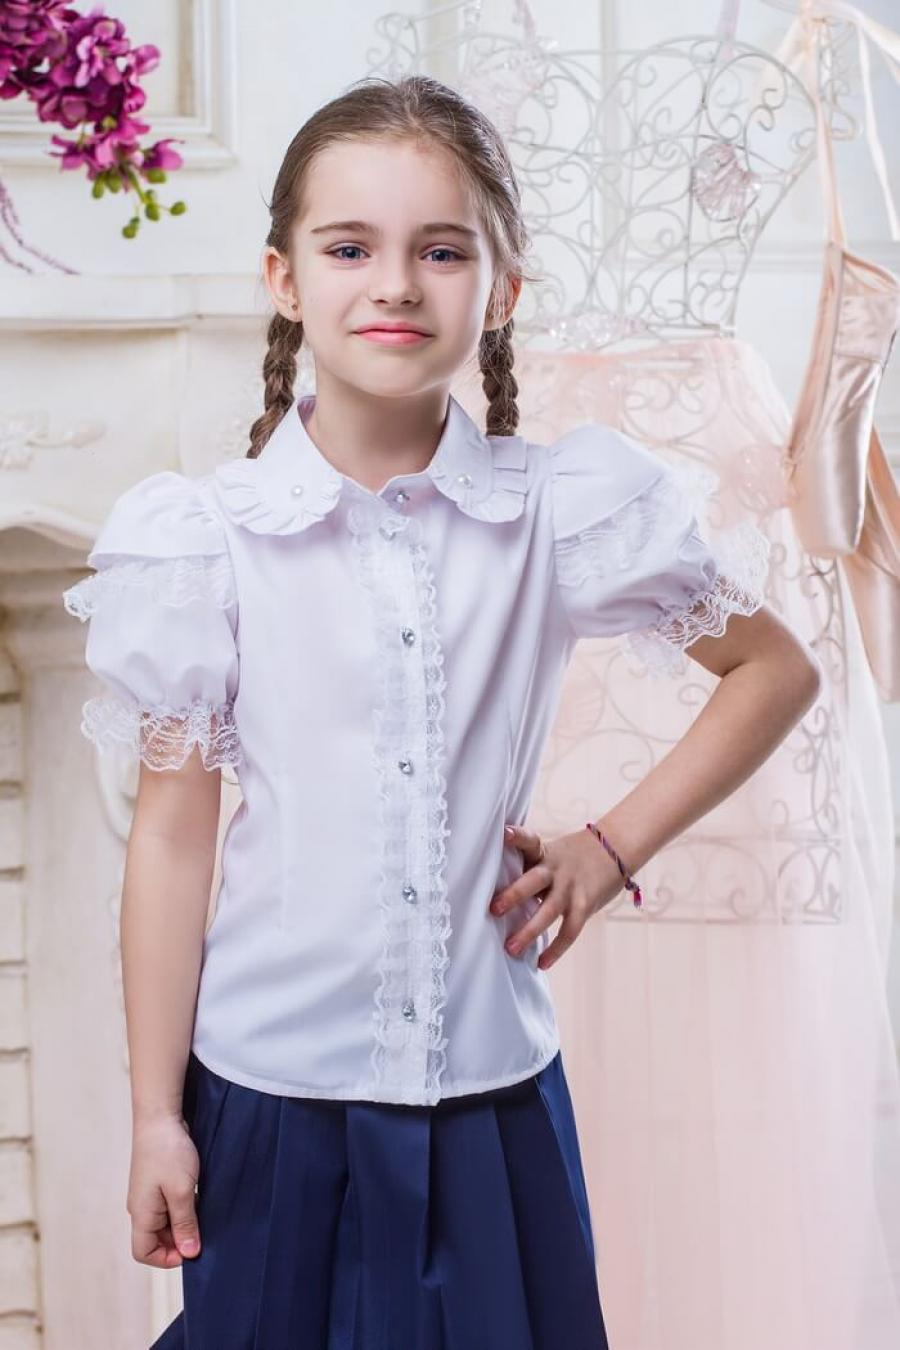 Купить Детские Блузки Для Школы Недорого